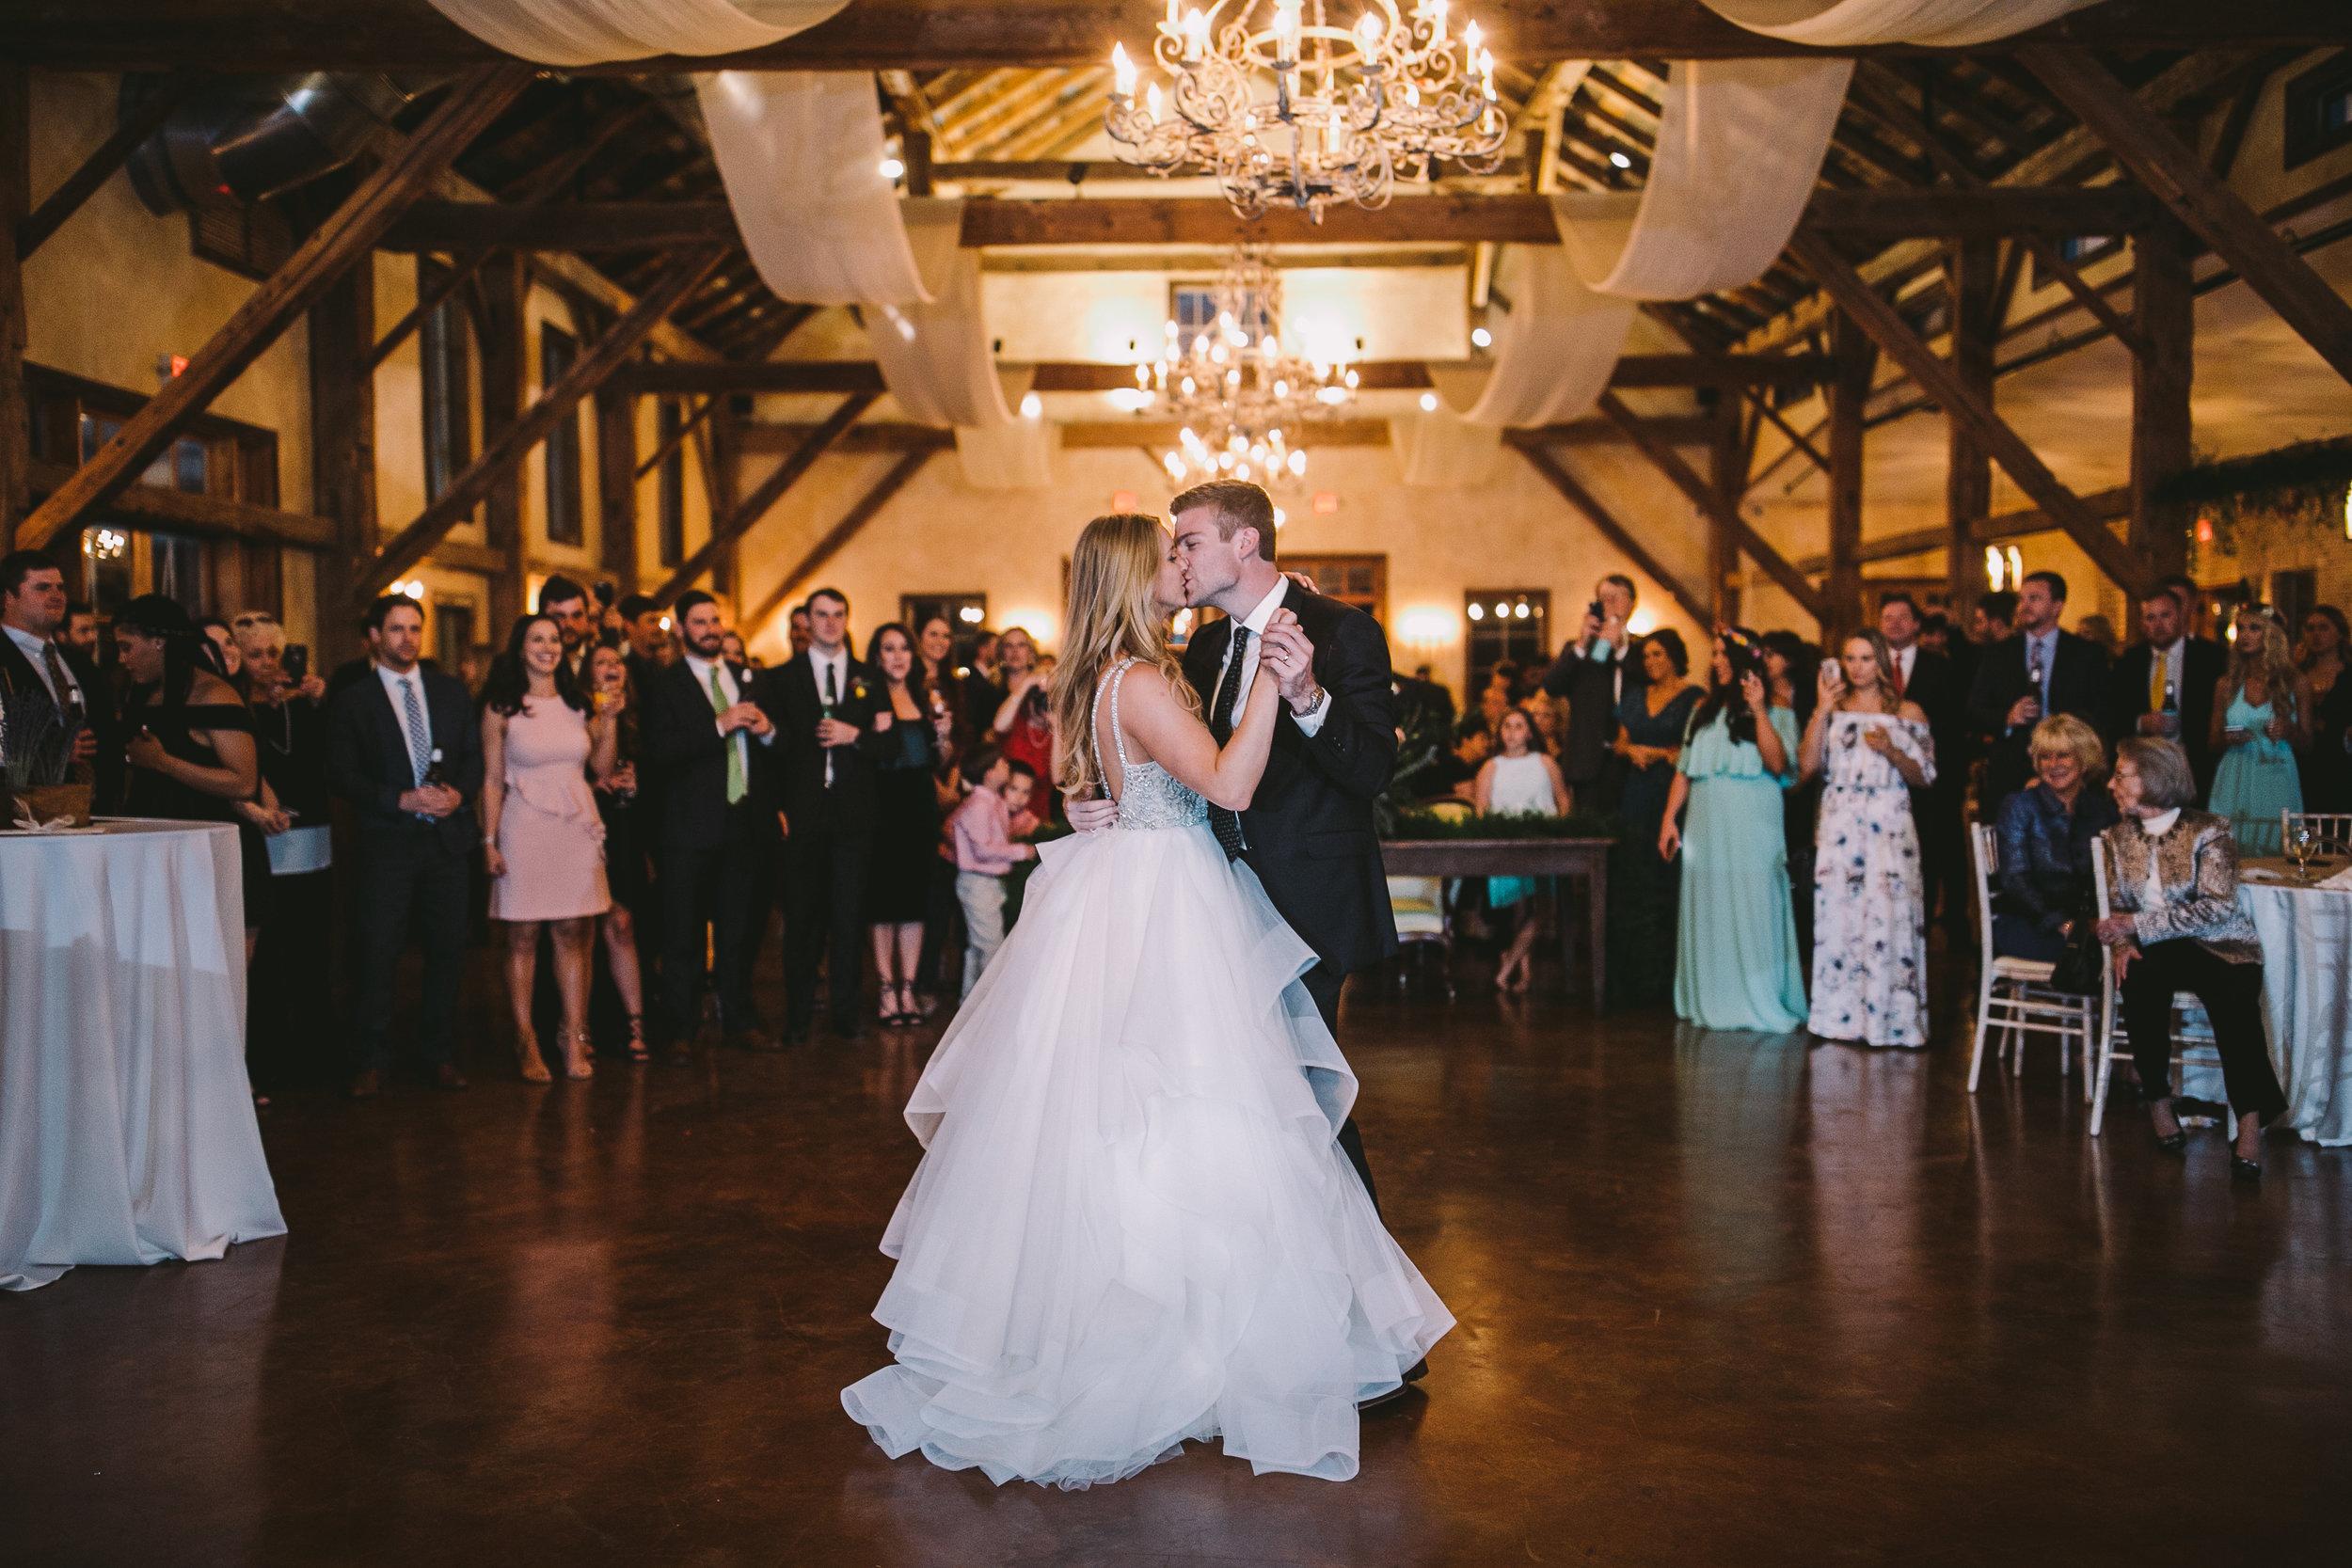 wedding-reception-mississippi-luxury-planner